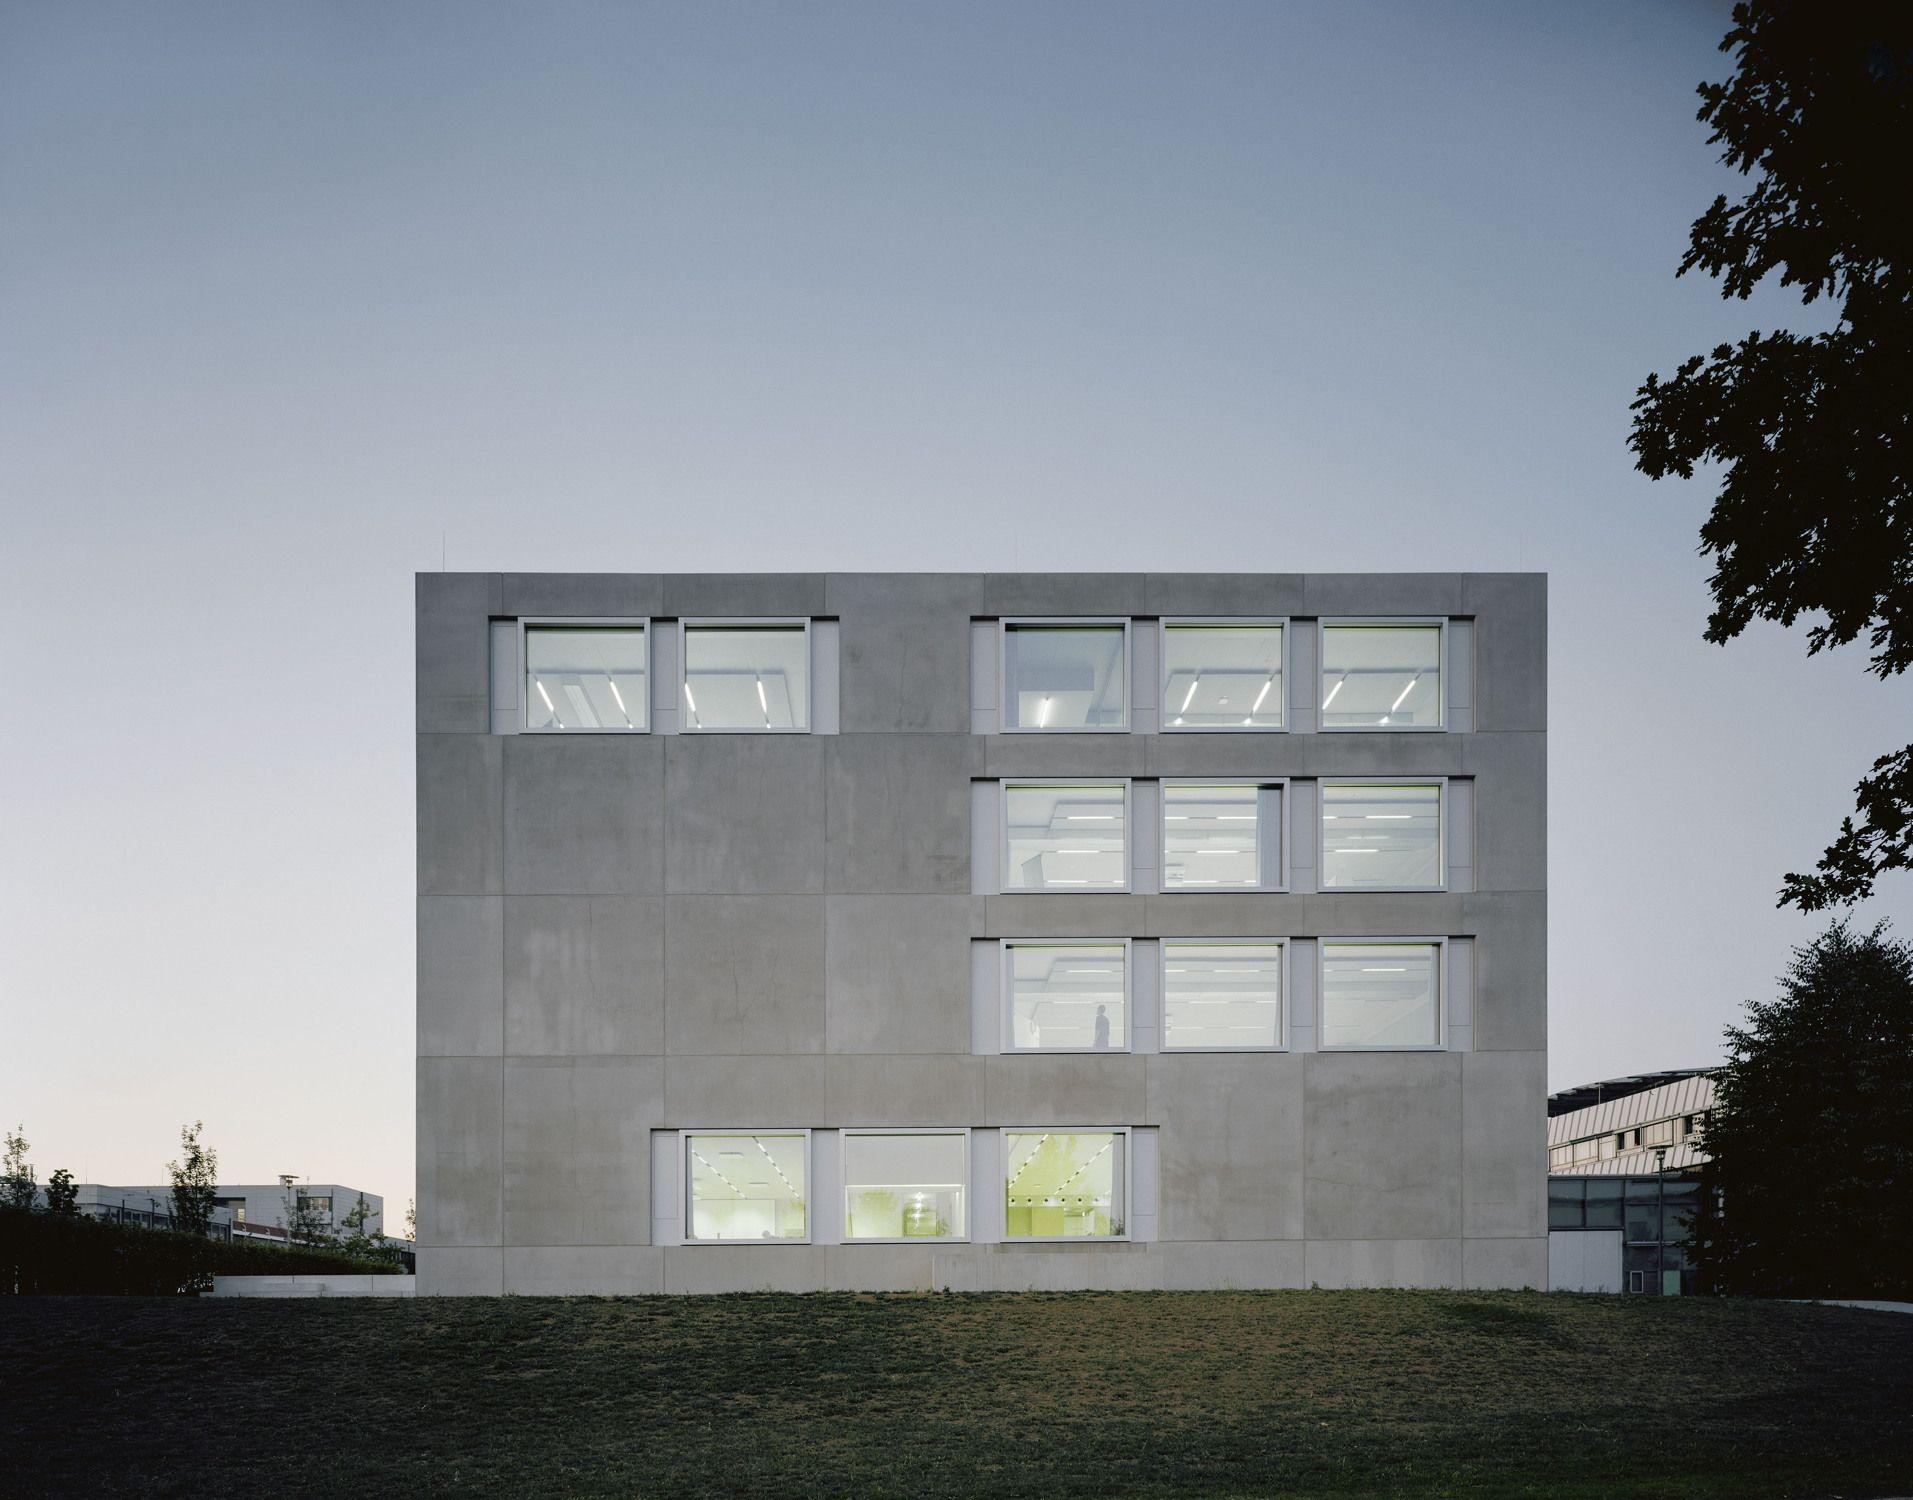 Architekten Friedrichshafen zeppelin universität friedrichshafen und as if architekten gewinnen